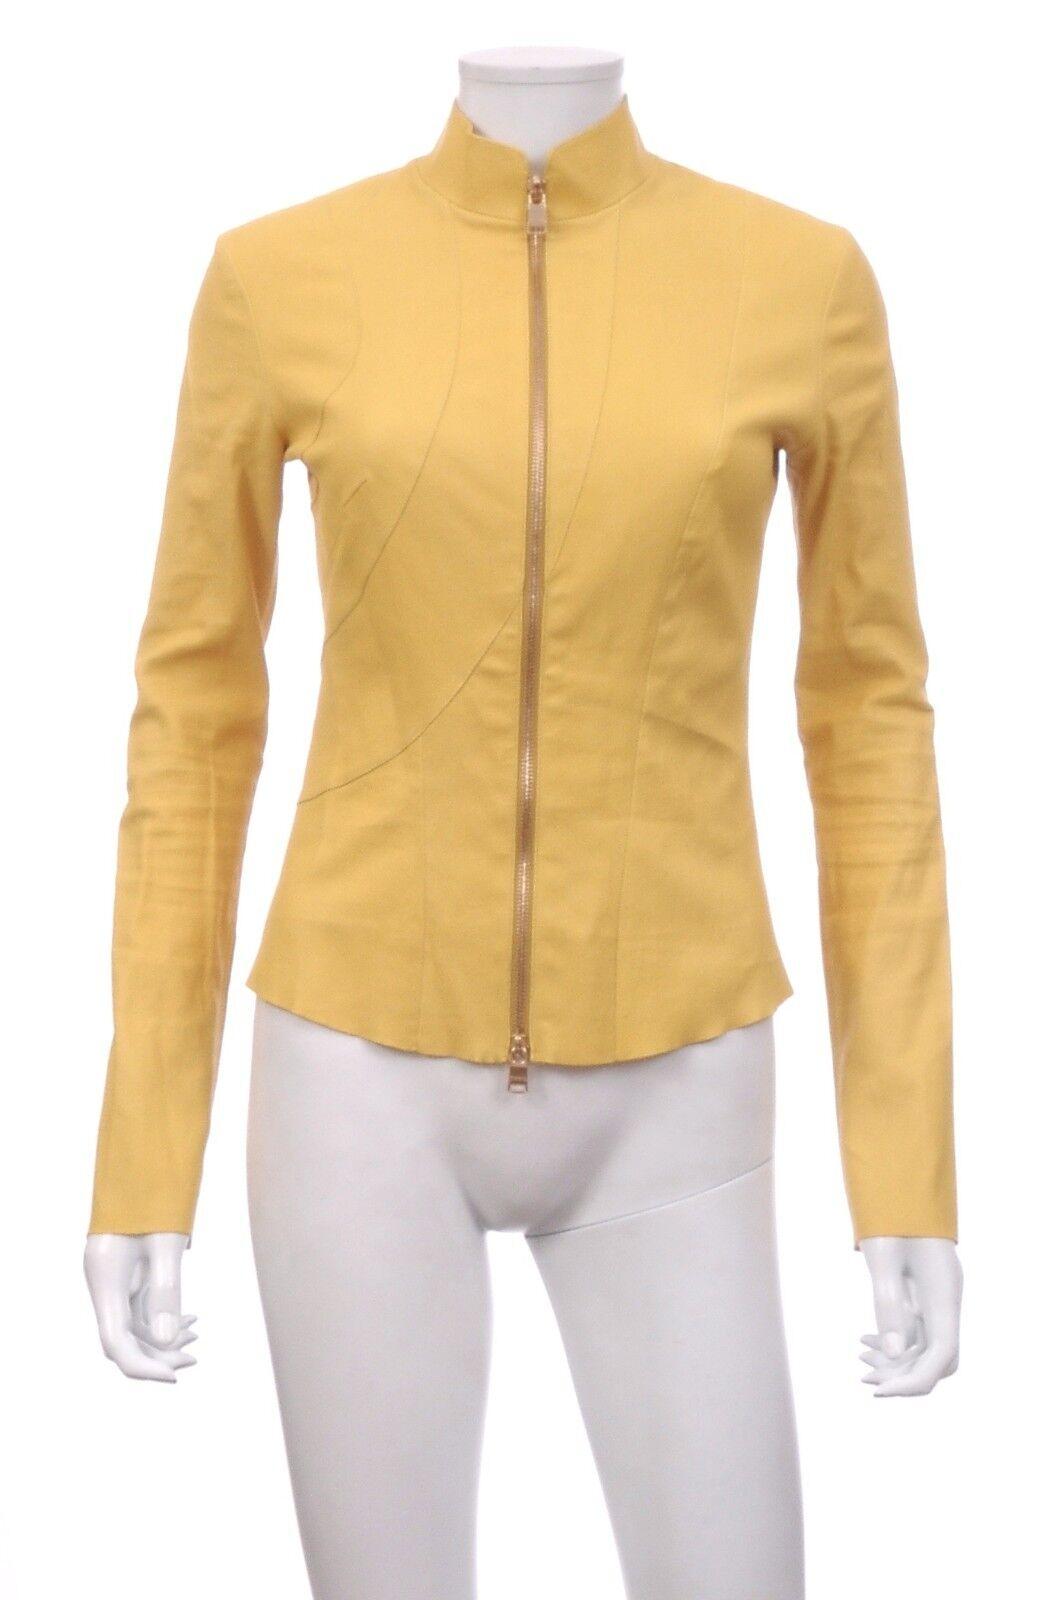 Jitrois Veste En Cuir D'agneau   yellow   prix de vente recommandé